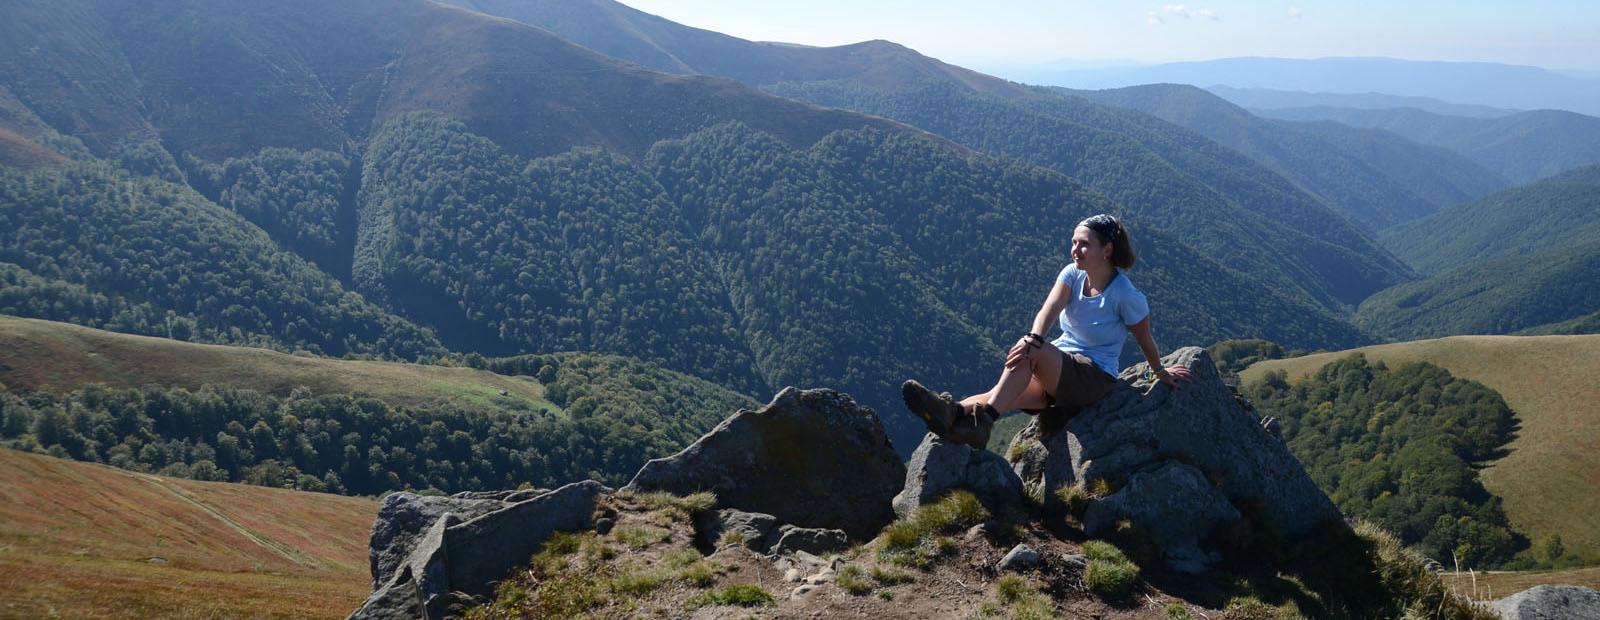 Як затягнути дівчину в гори: прості маршрути для початківців